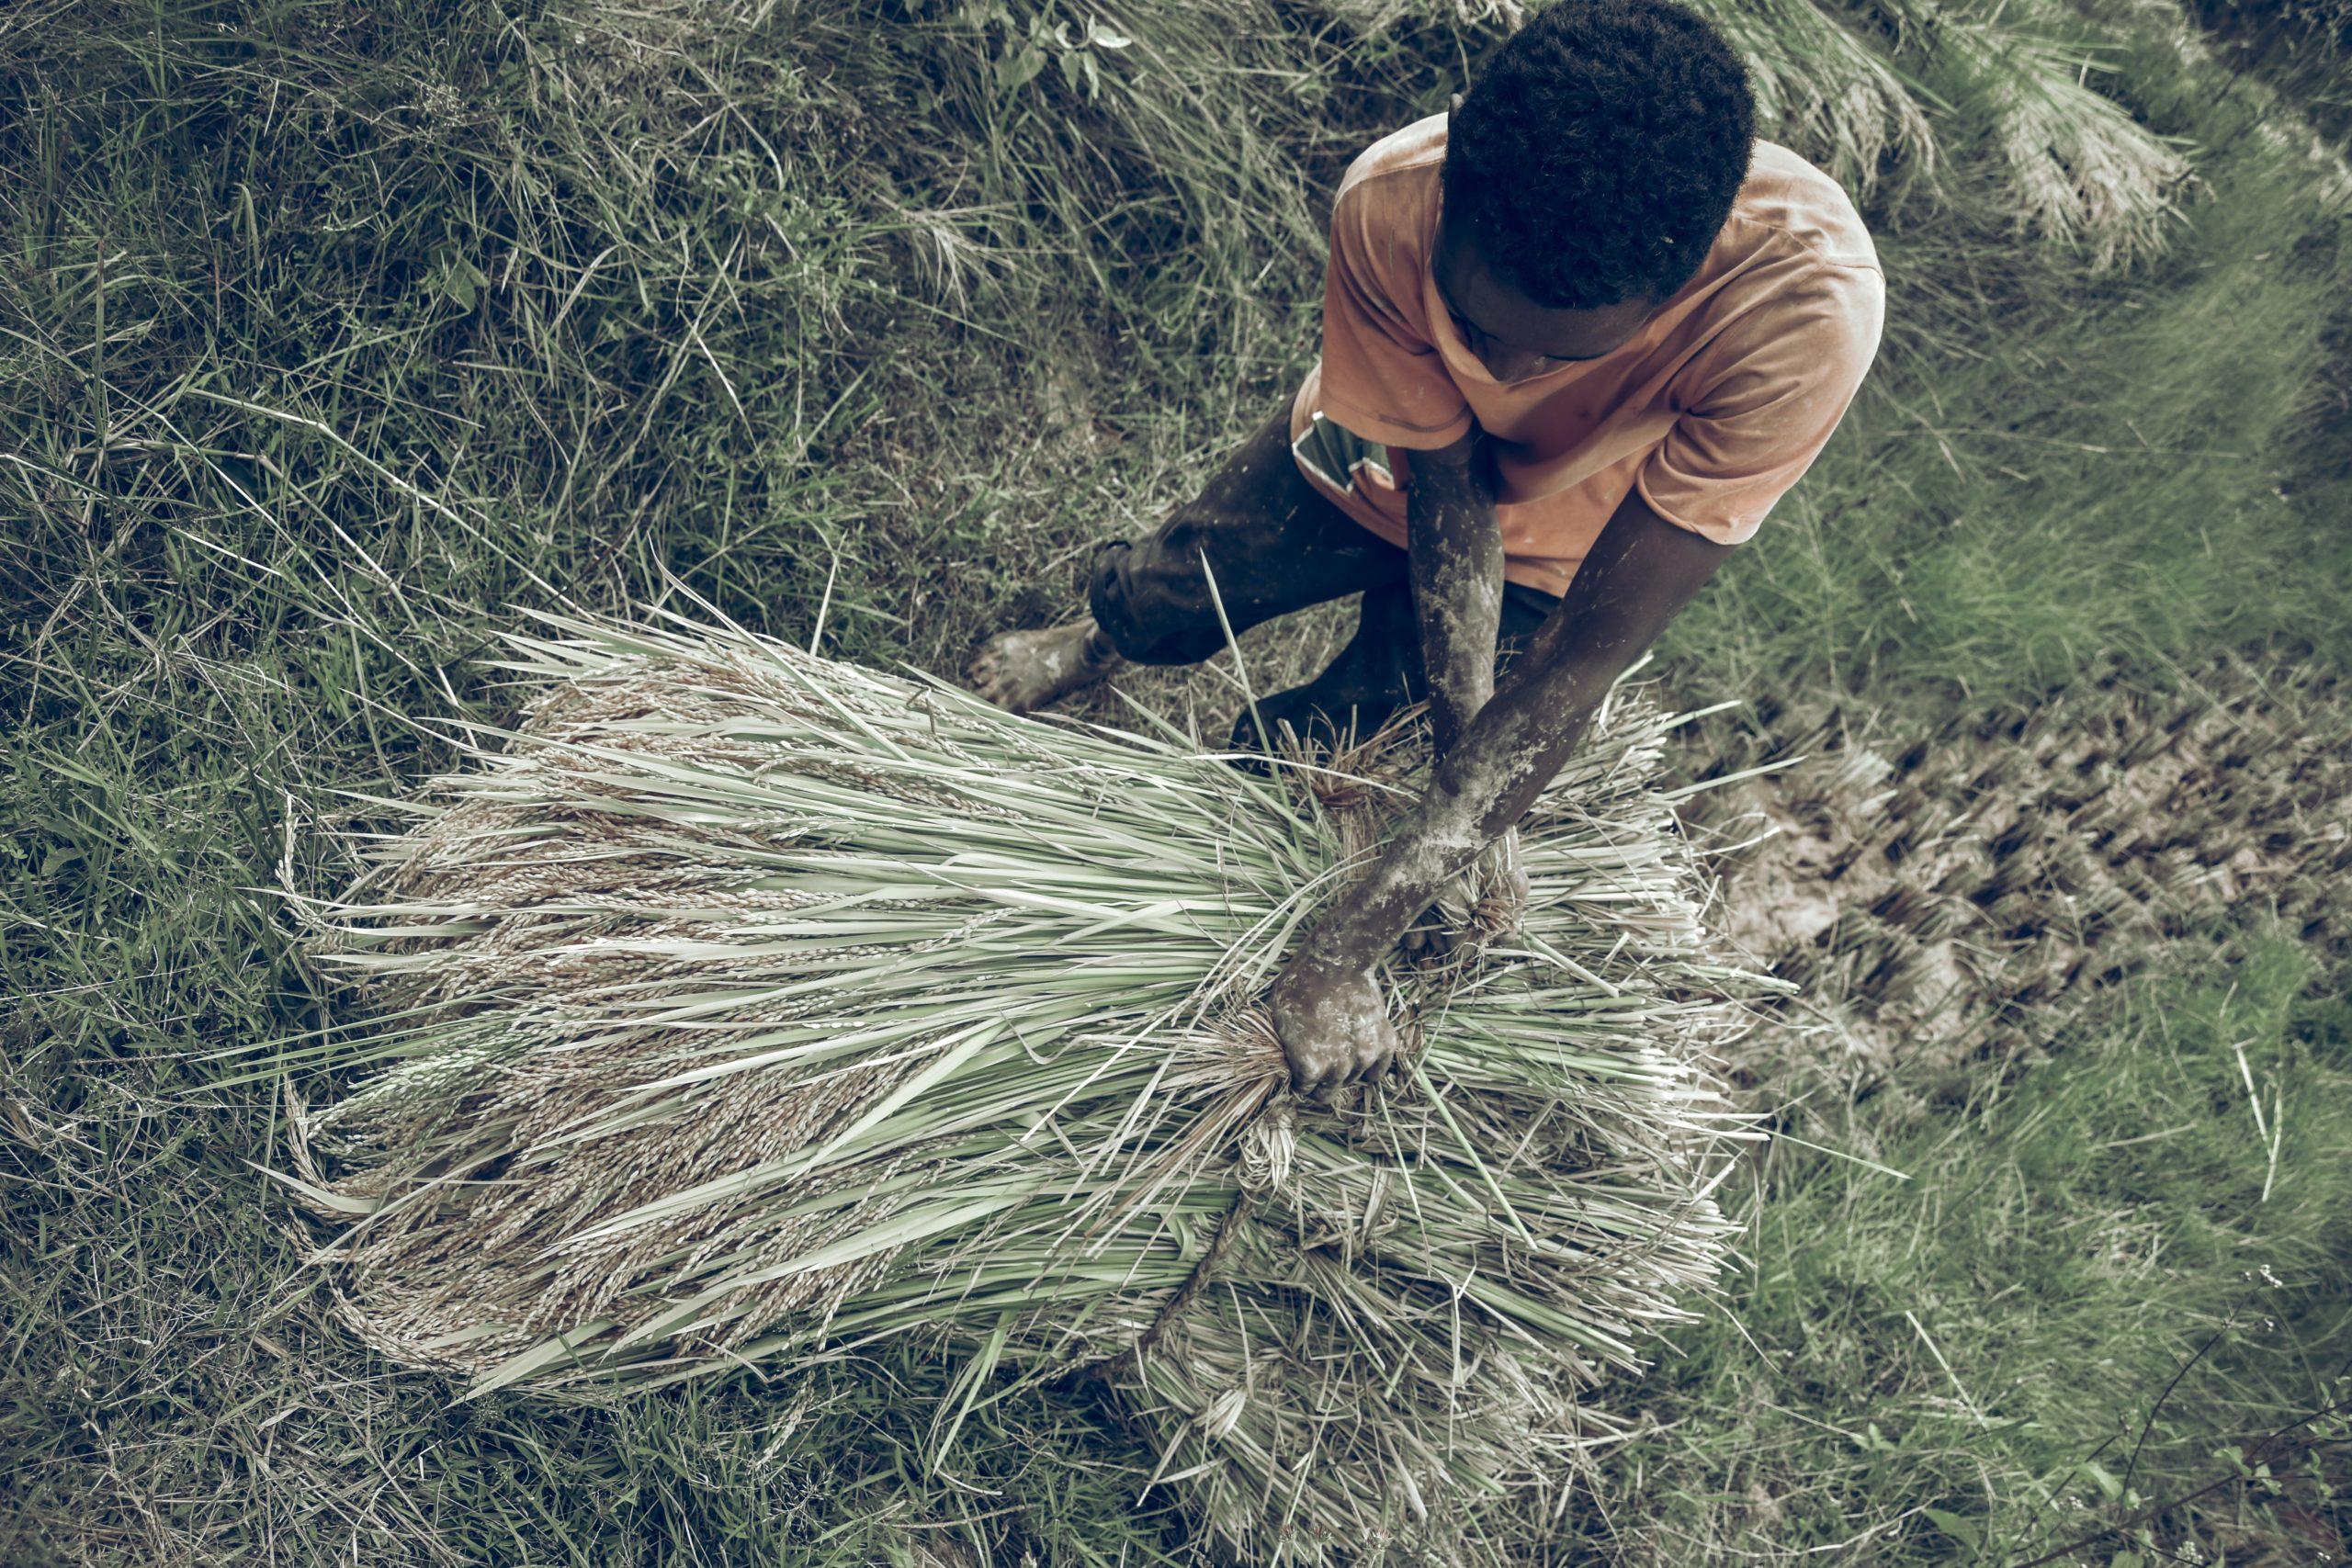 γεωργία - Μαδαγασκάρη